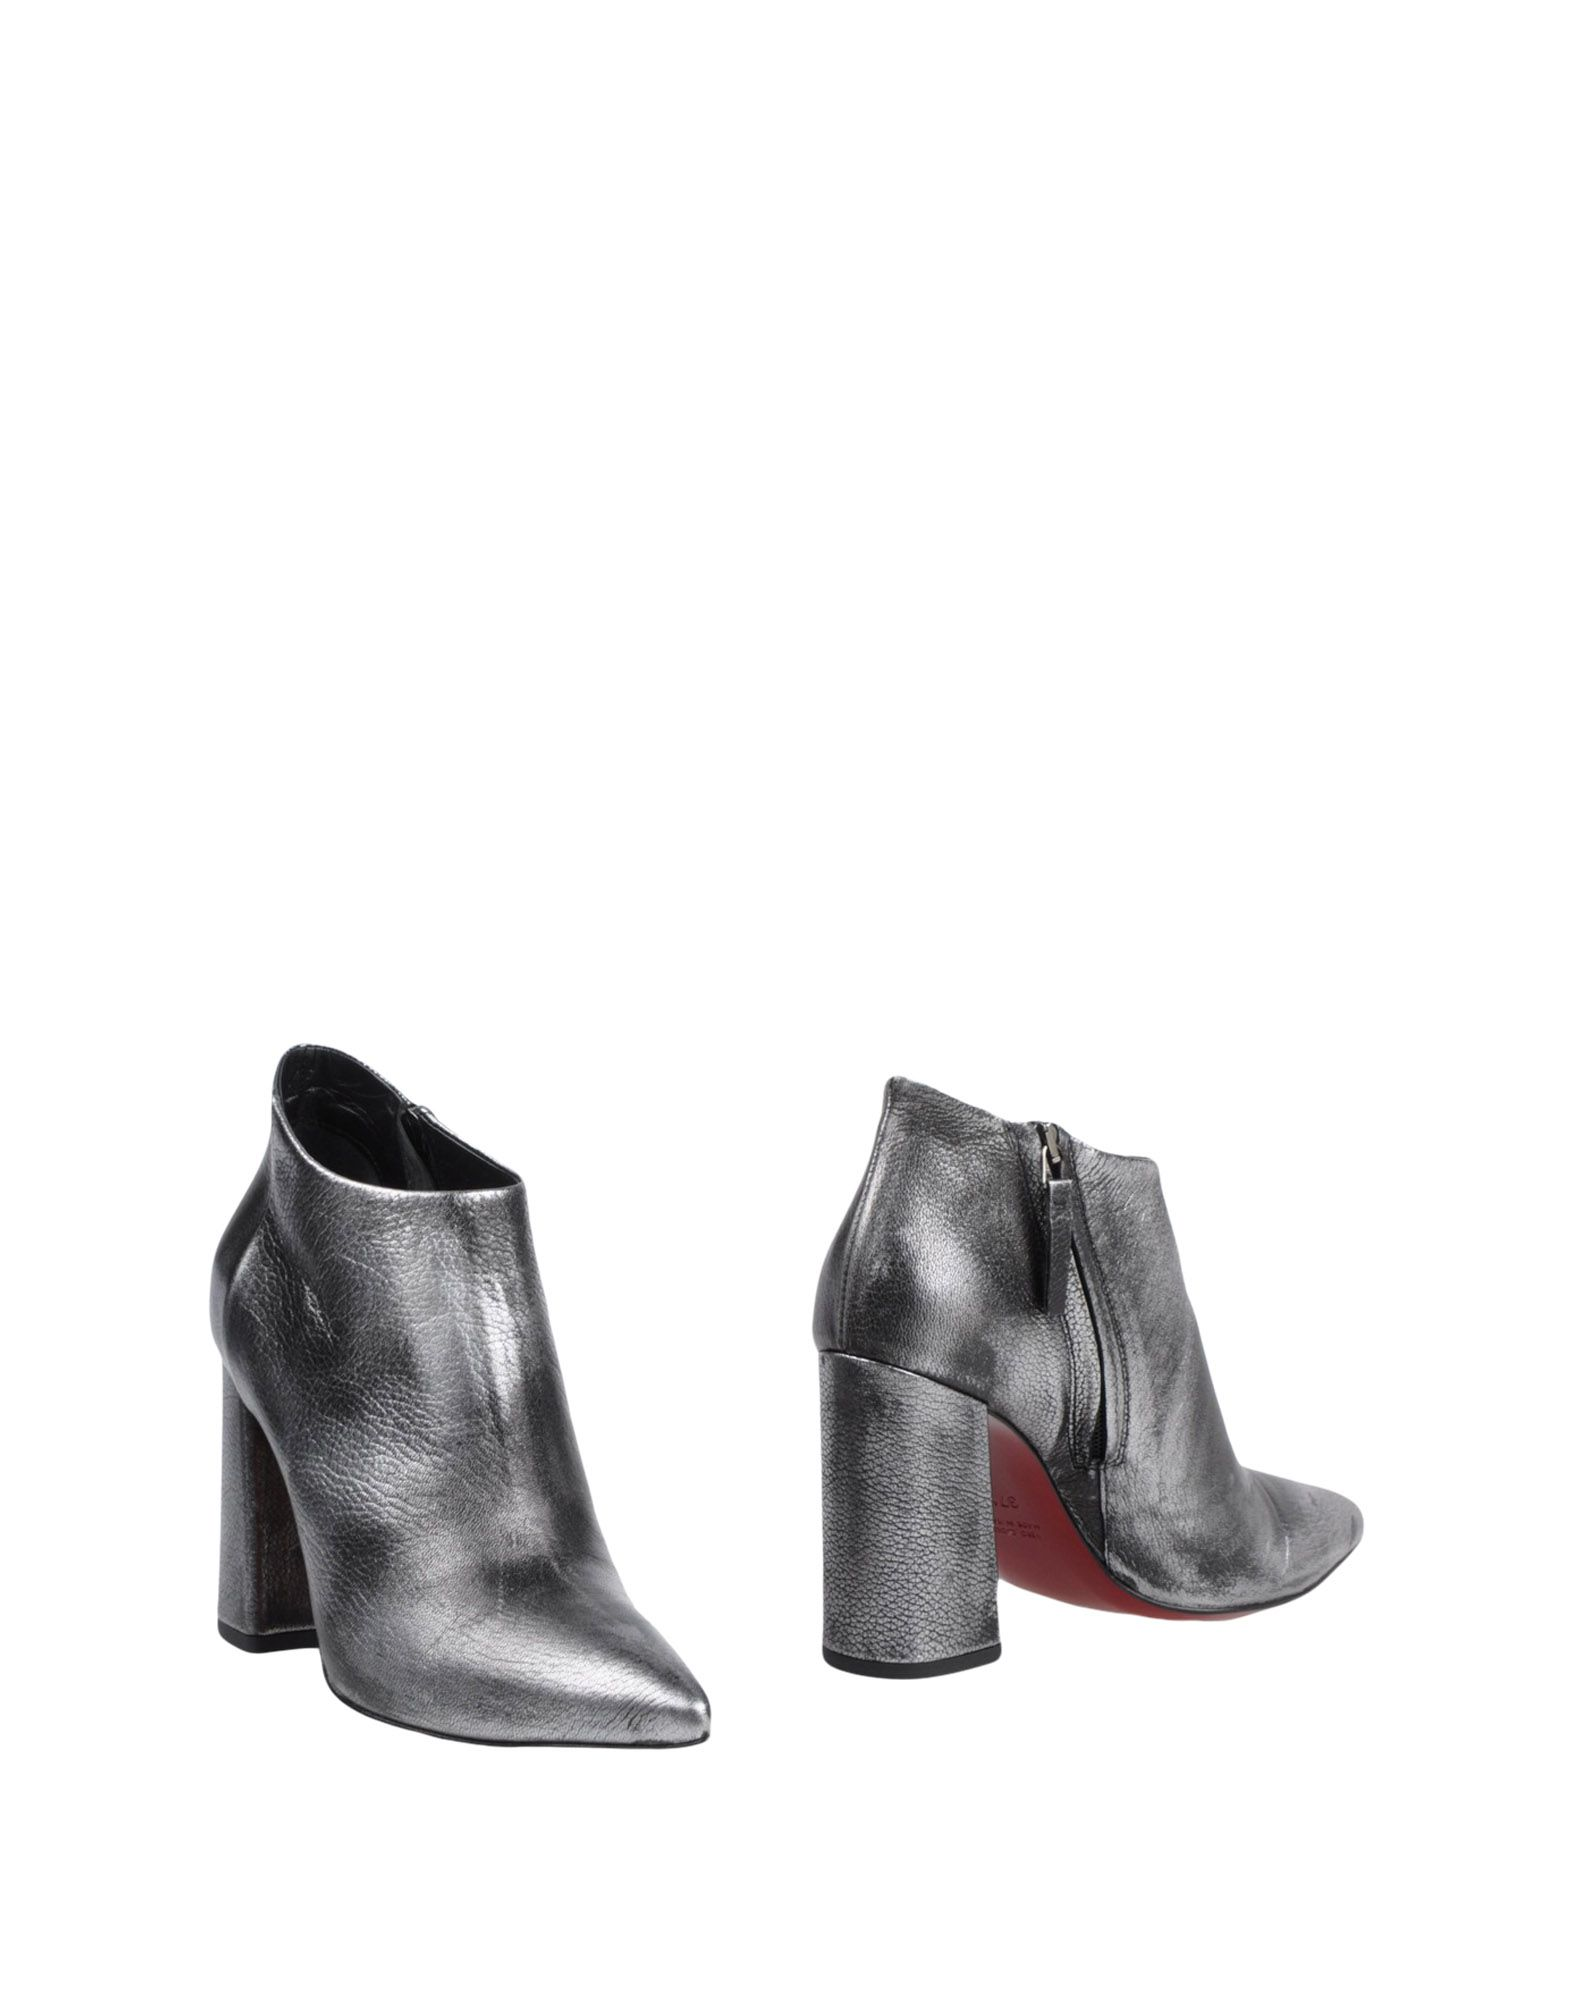 ФОТО couture Полусапоги и высокие ботинки